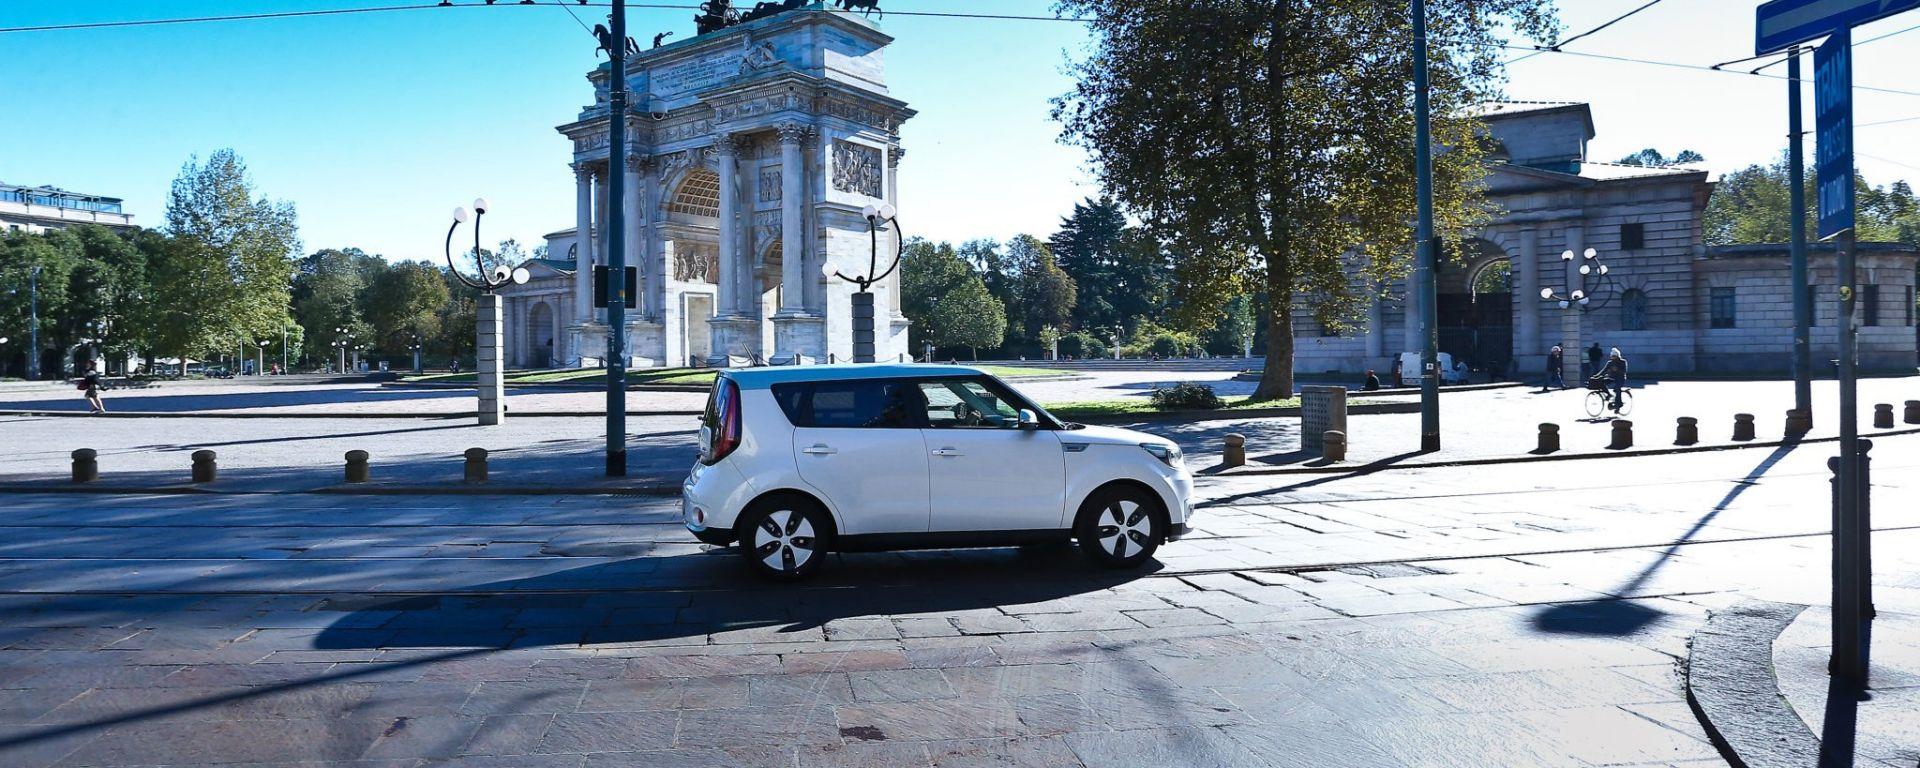 Come sarà la mobilità del prossimo decennio? Ibrida, elettrica o...Diesel?